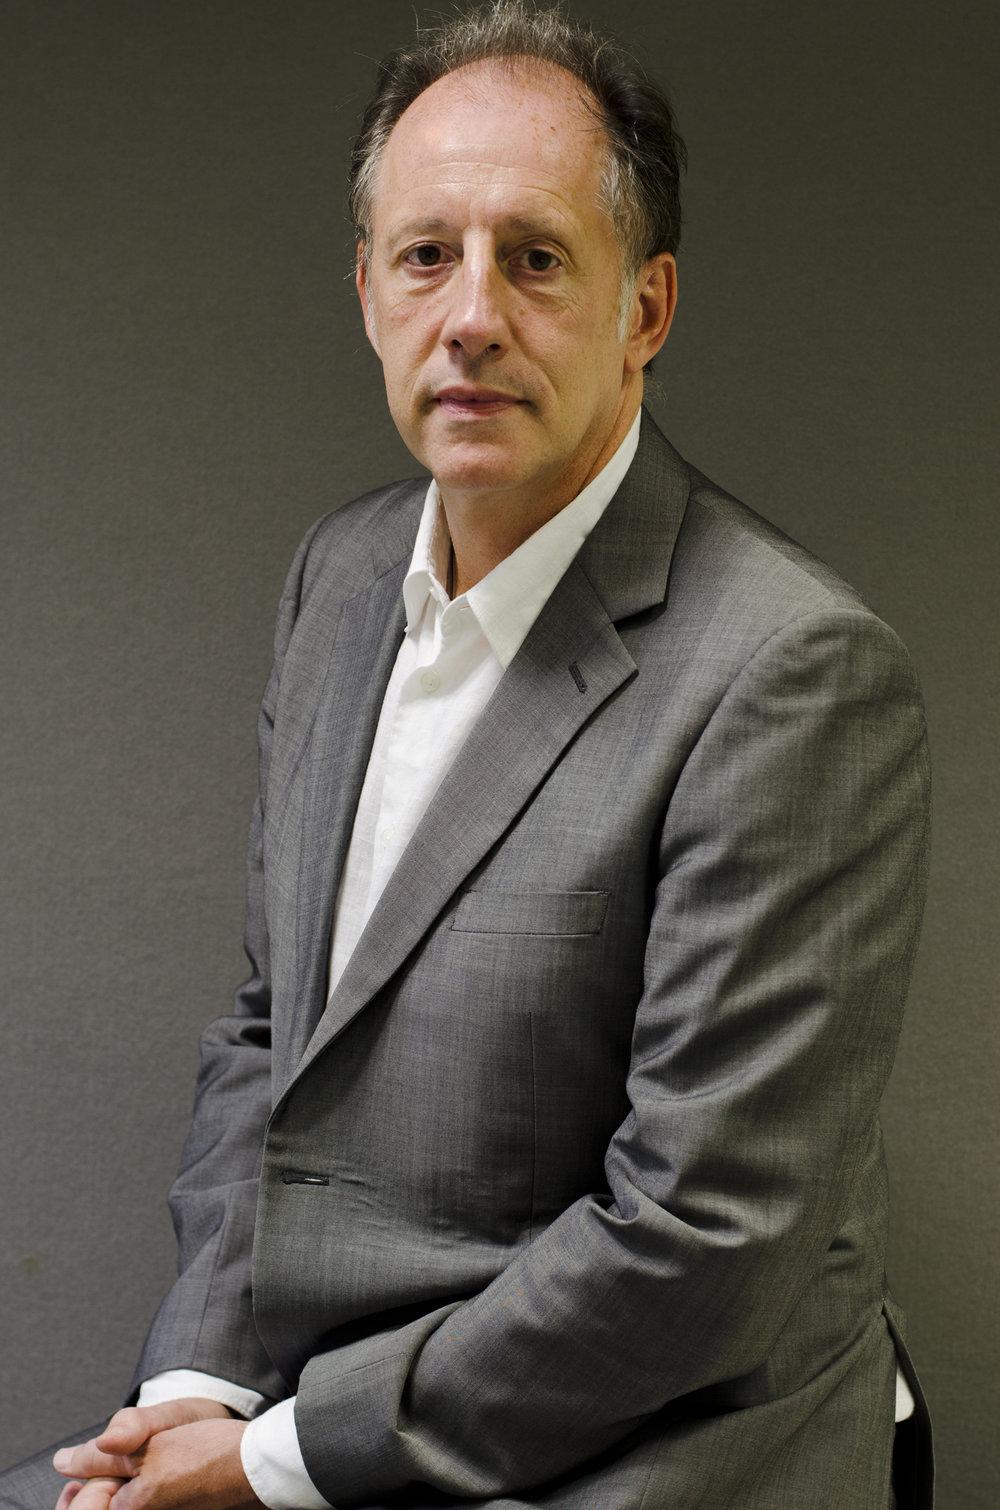 Peter Aspden